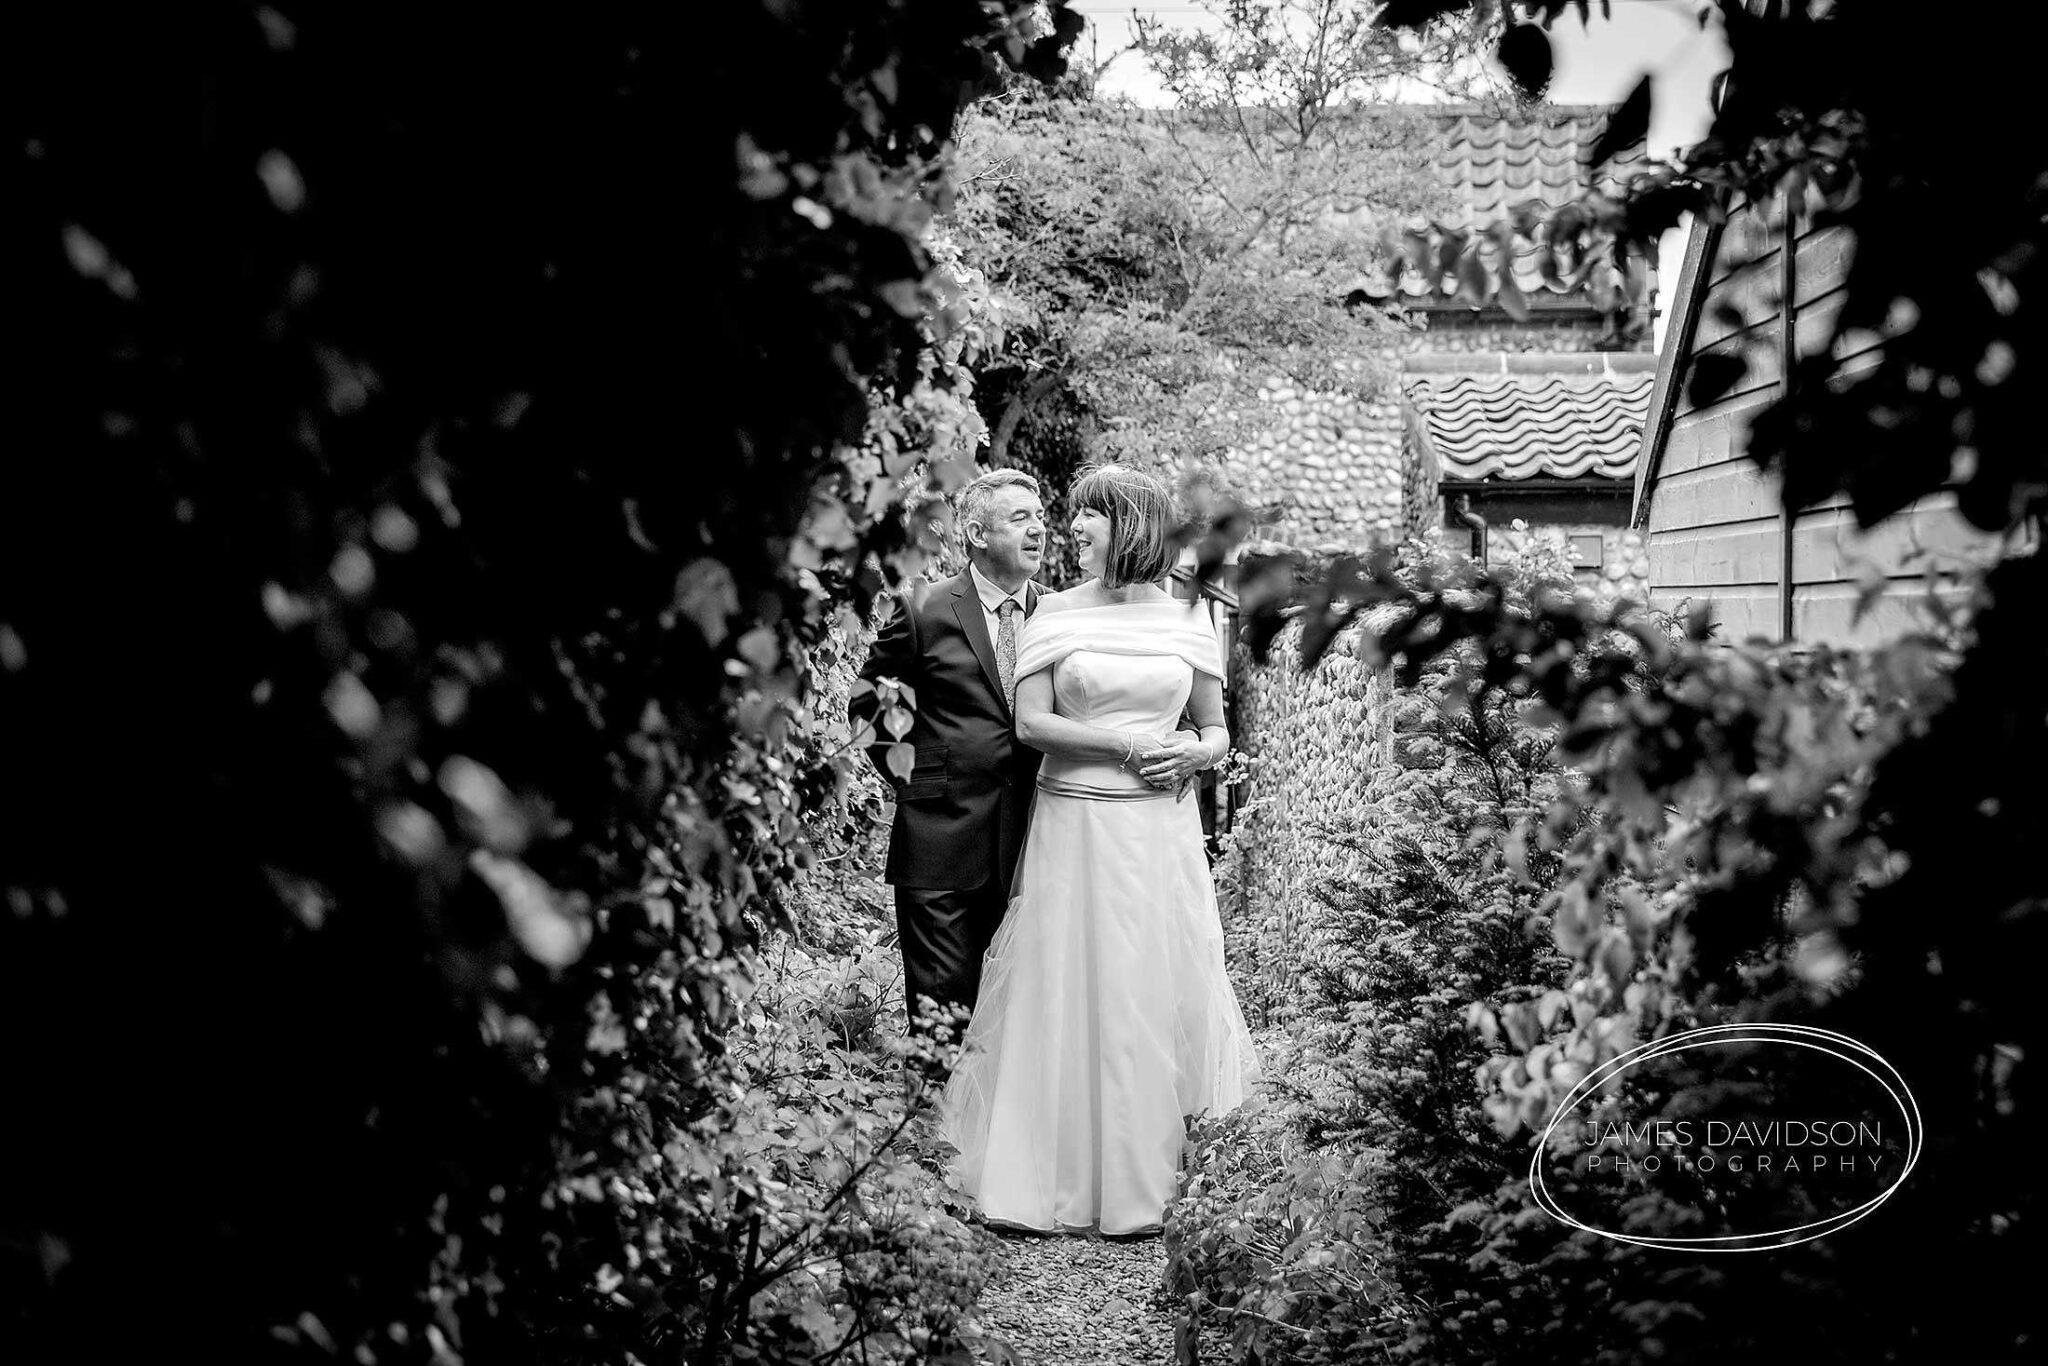 Cley windmill wedding